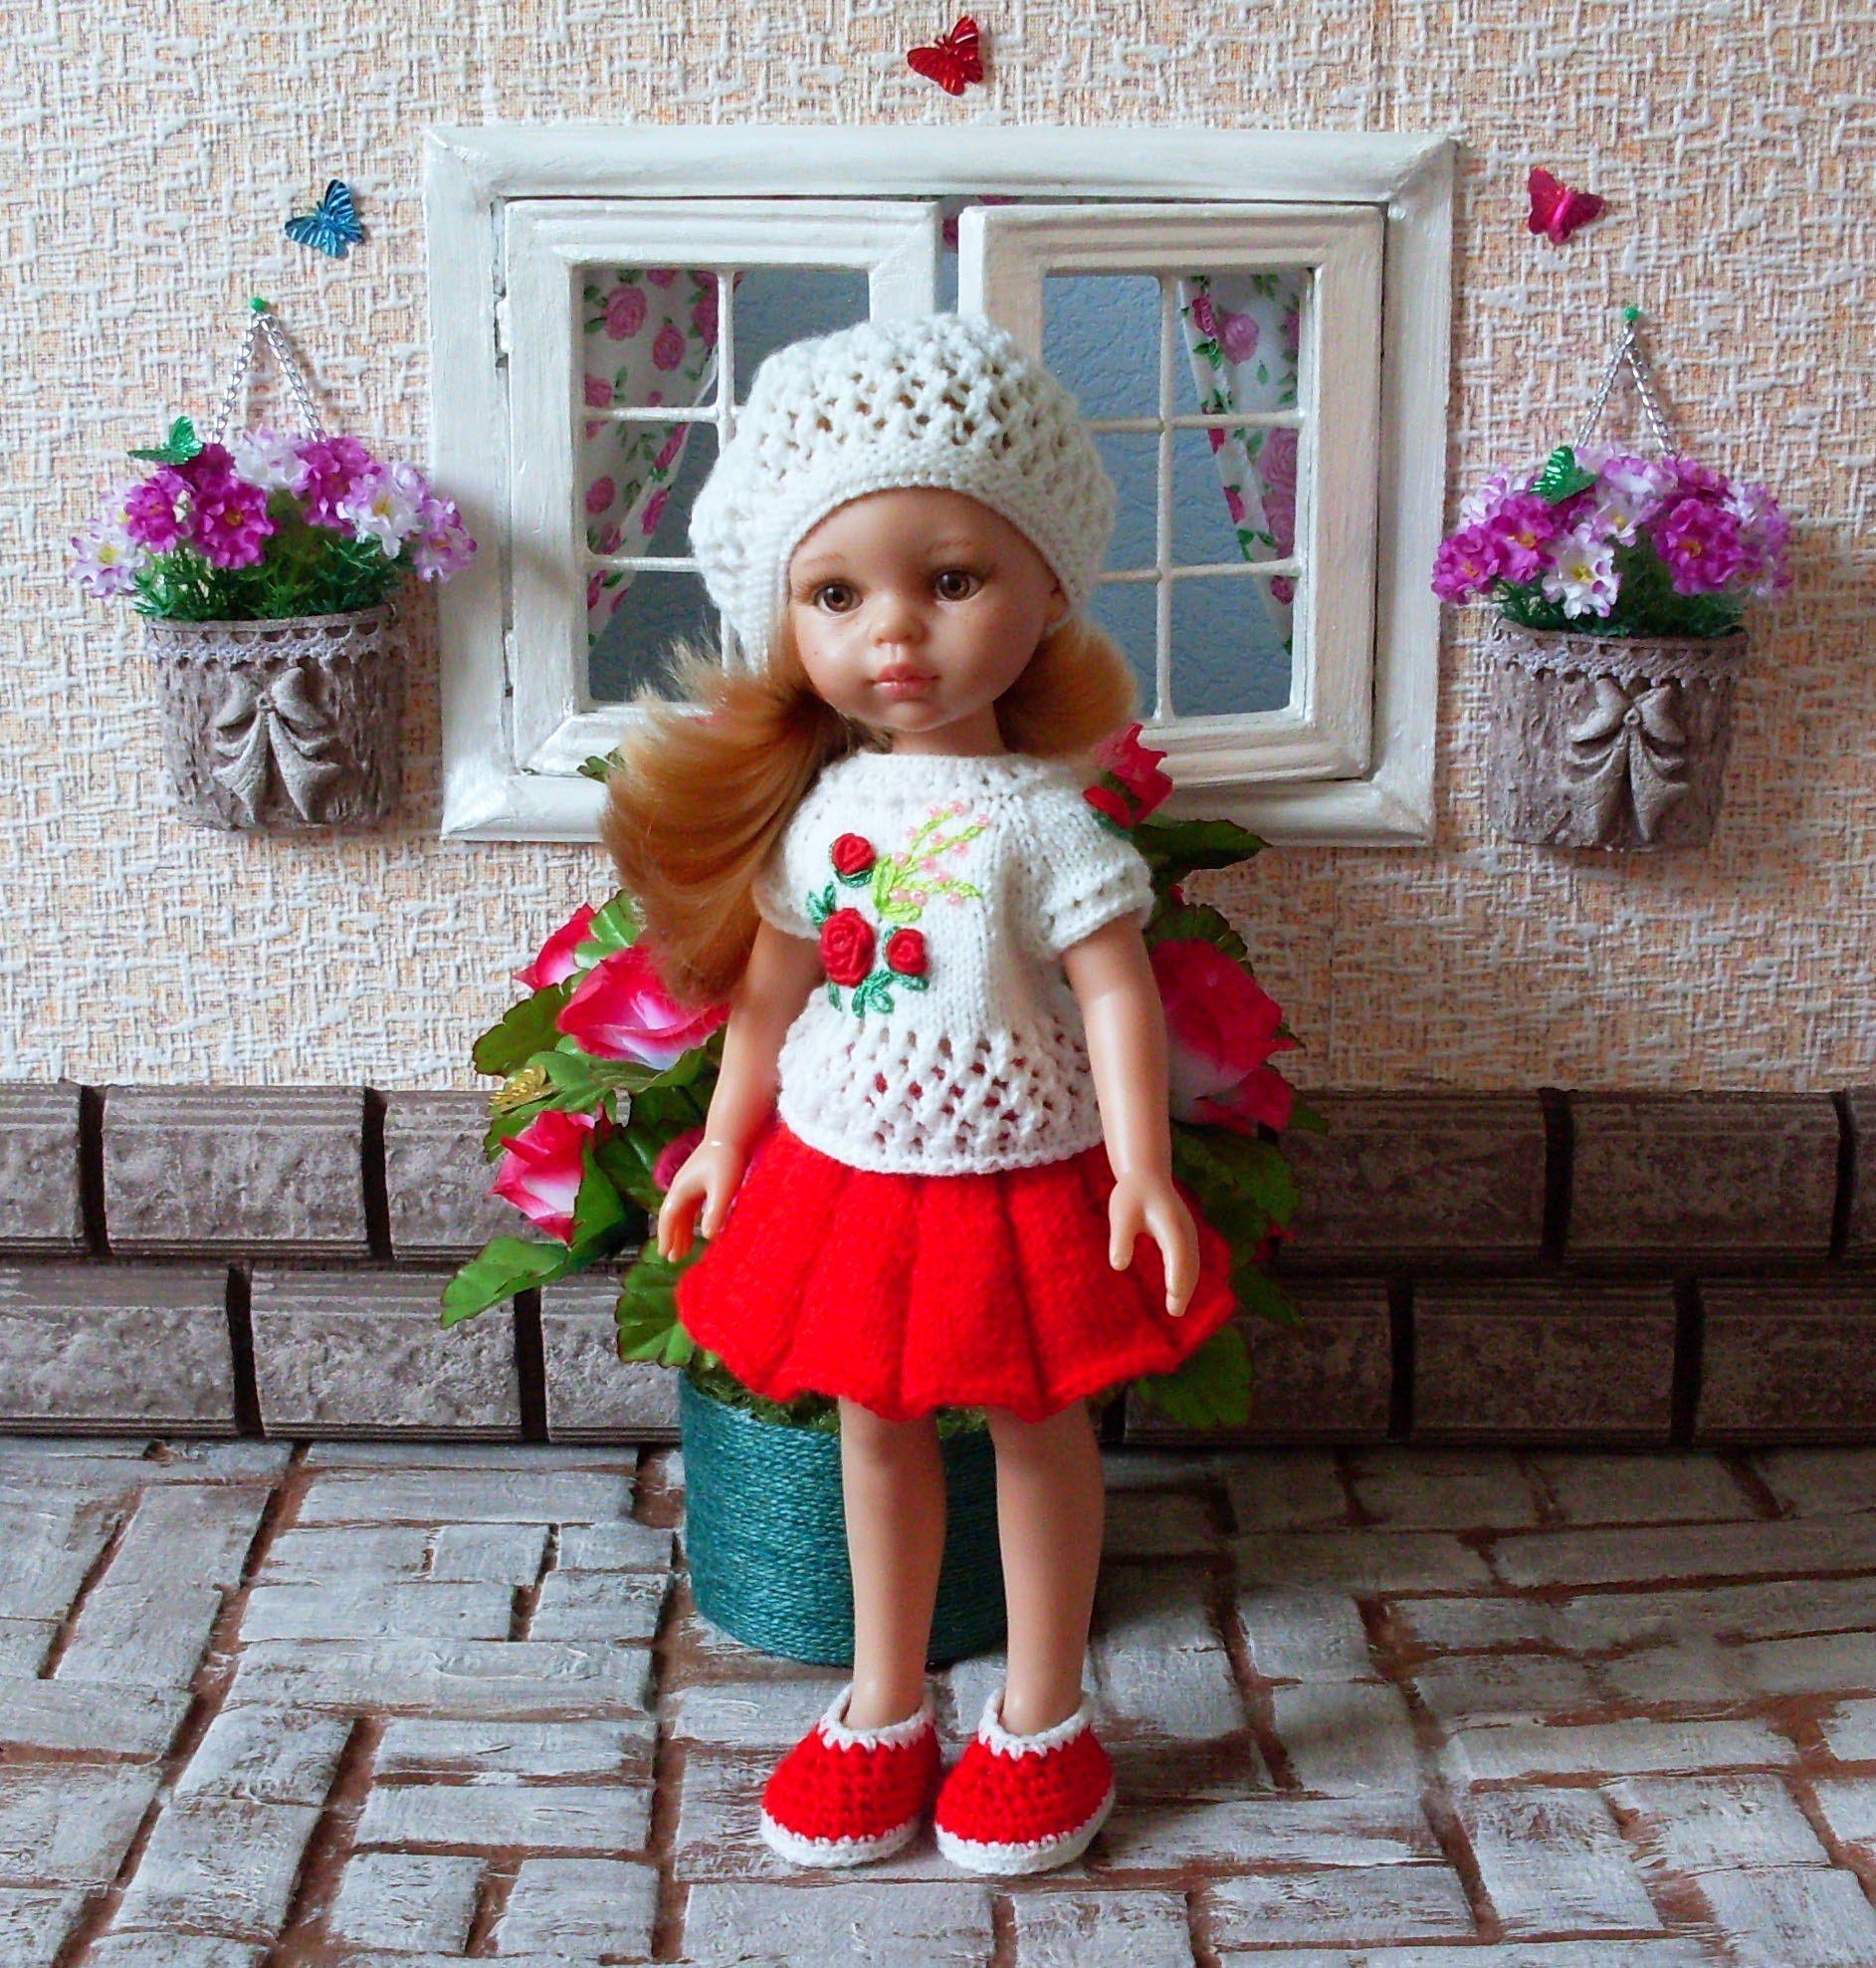 Испанские куклы Paola Reina   Кукольная одежда, Идеи наряда, Одежда для кукол